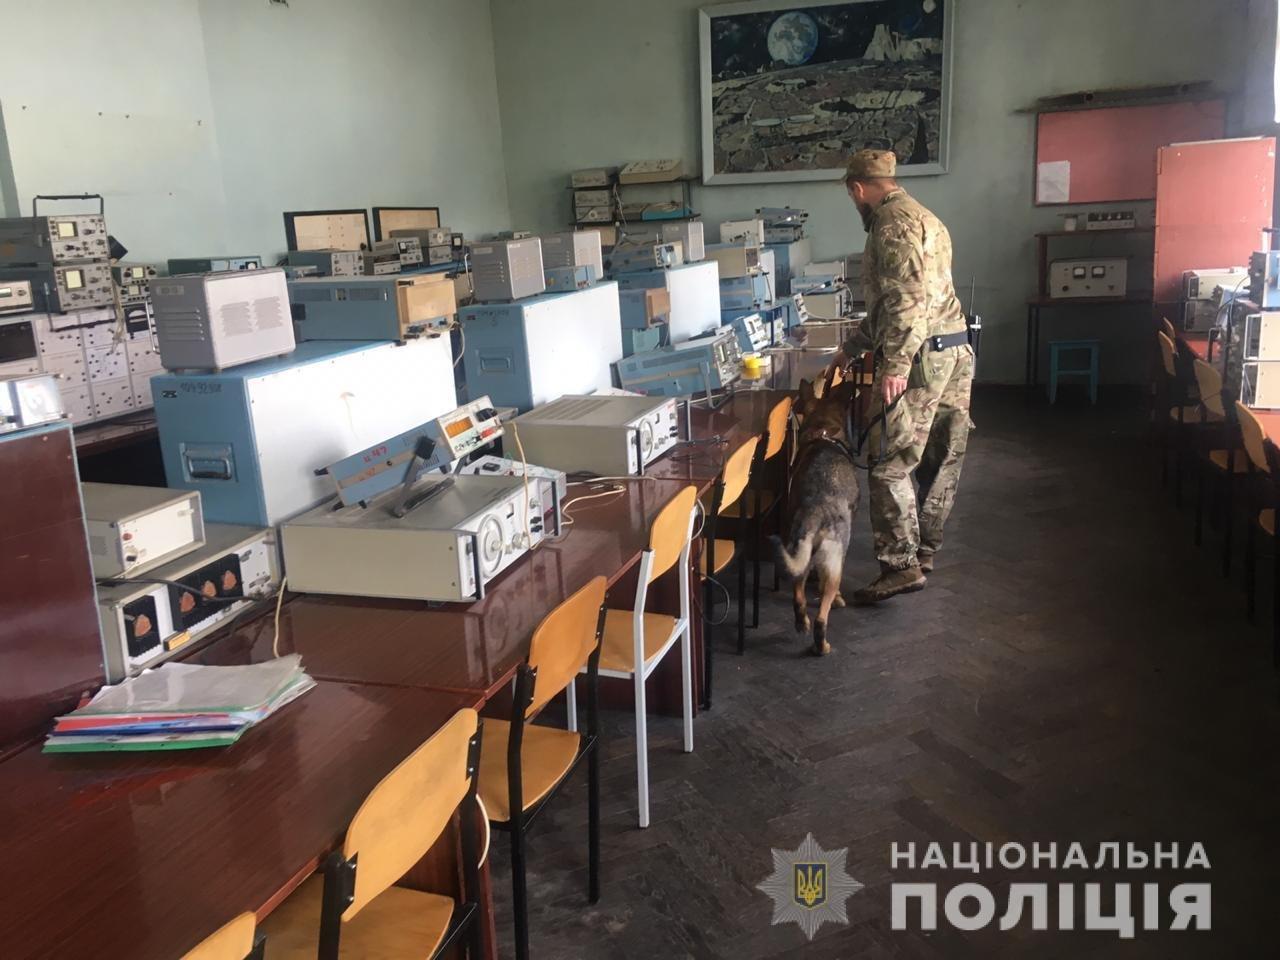 «Минирование» харьковского колледжа: полицейские эвакуировали 900 человек, - ФОТО, фото-1